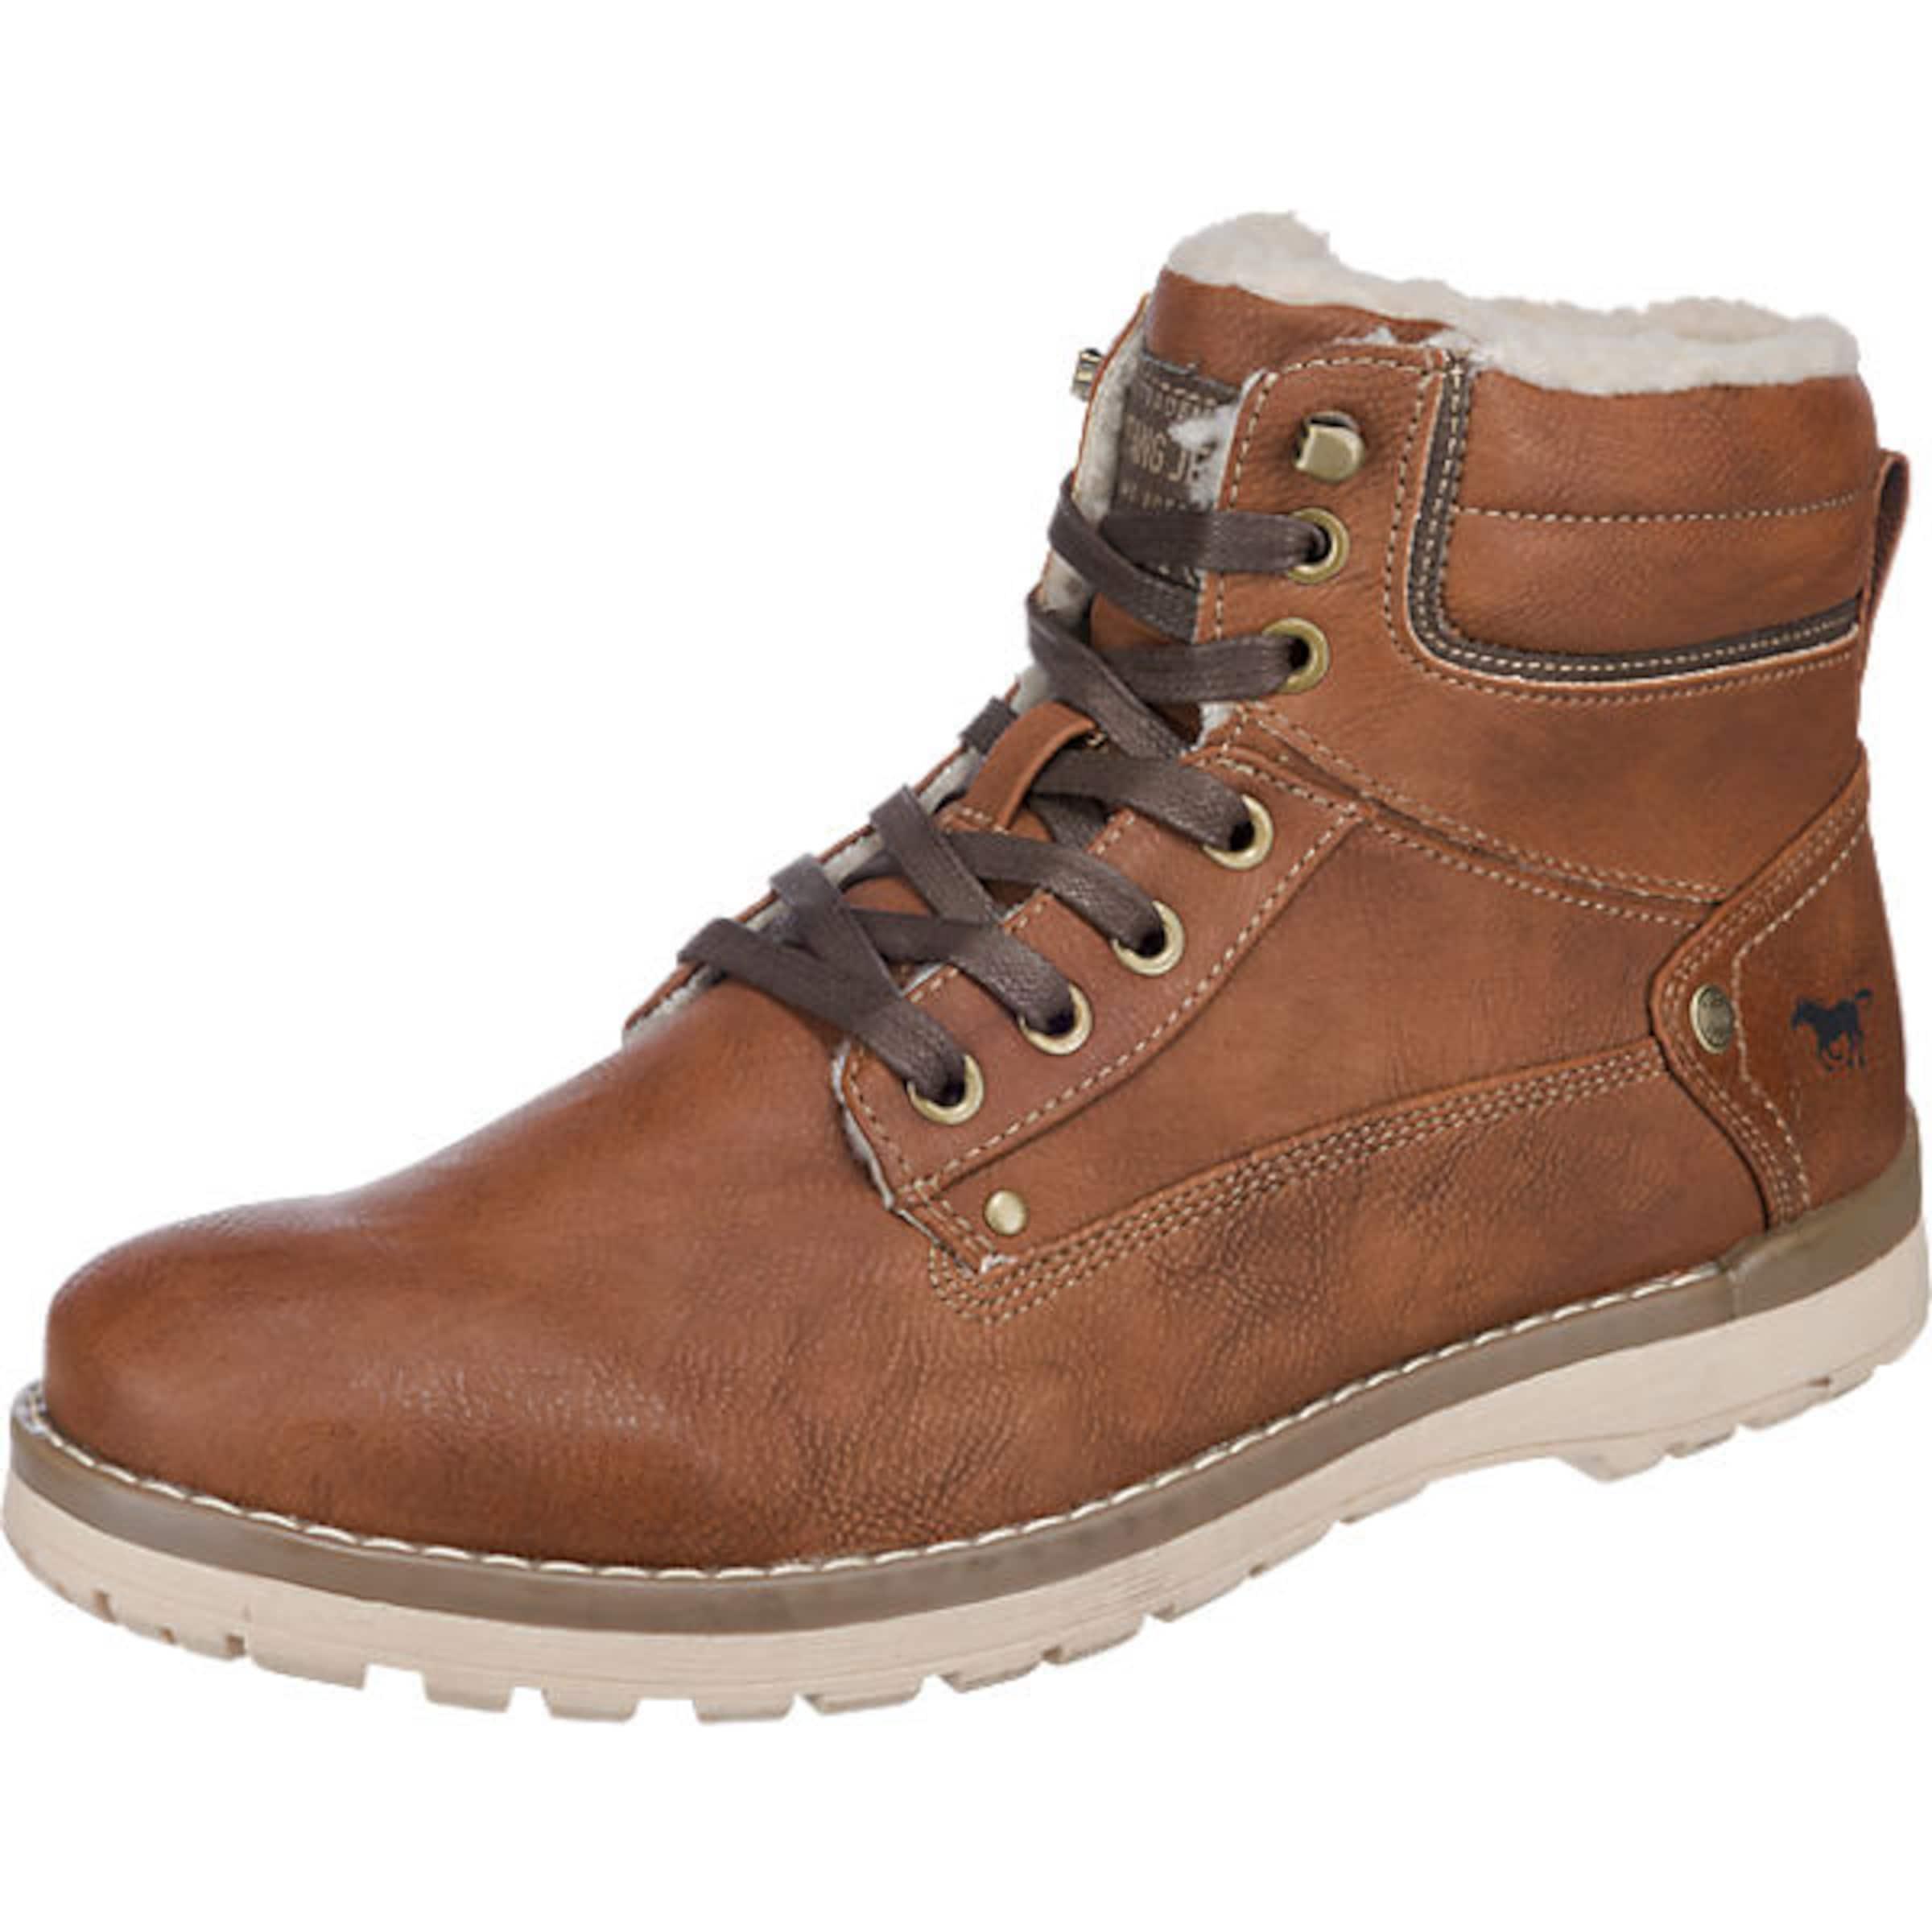 MUSTANG Stiefel & Stiefeletten Verschleißfeste billige Schuhe